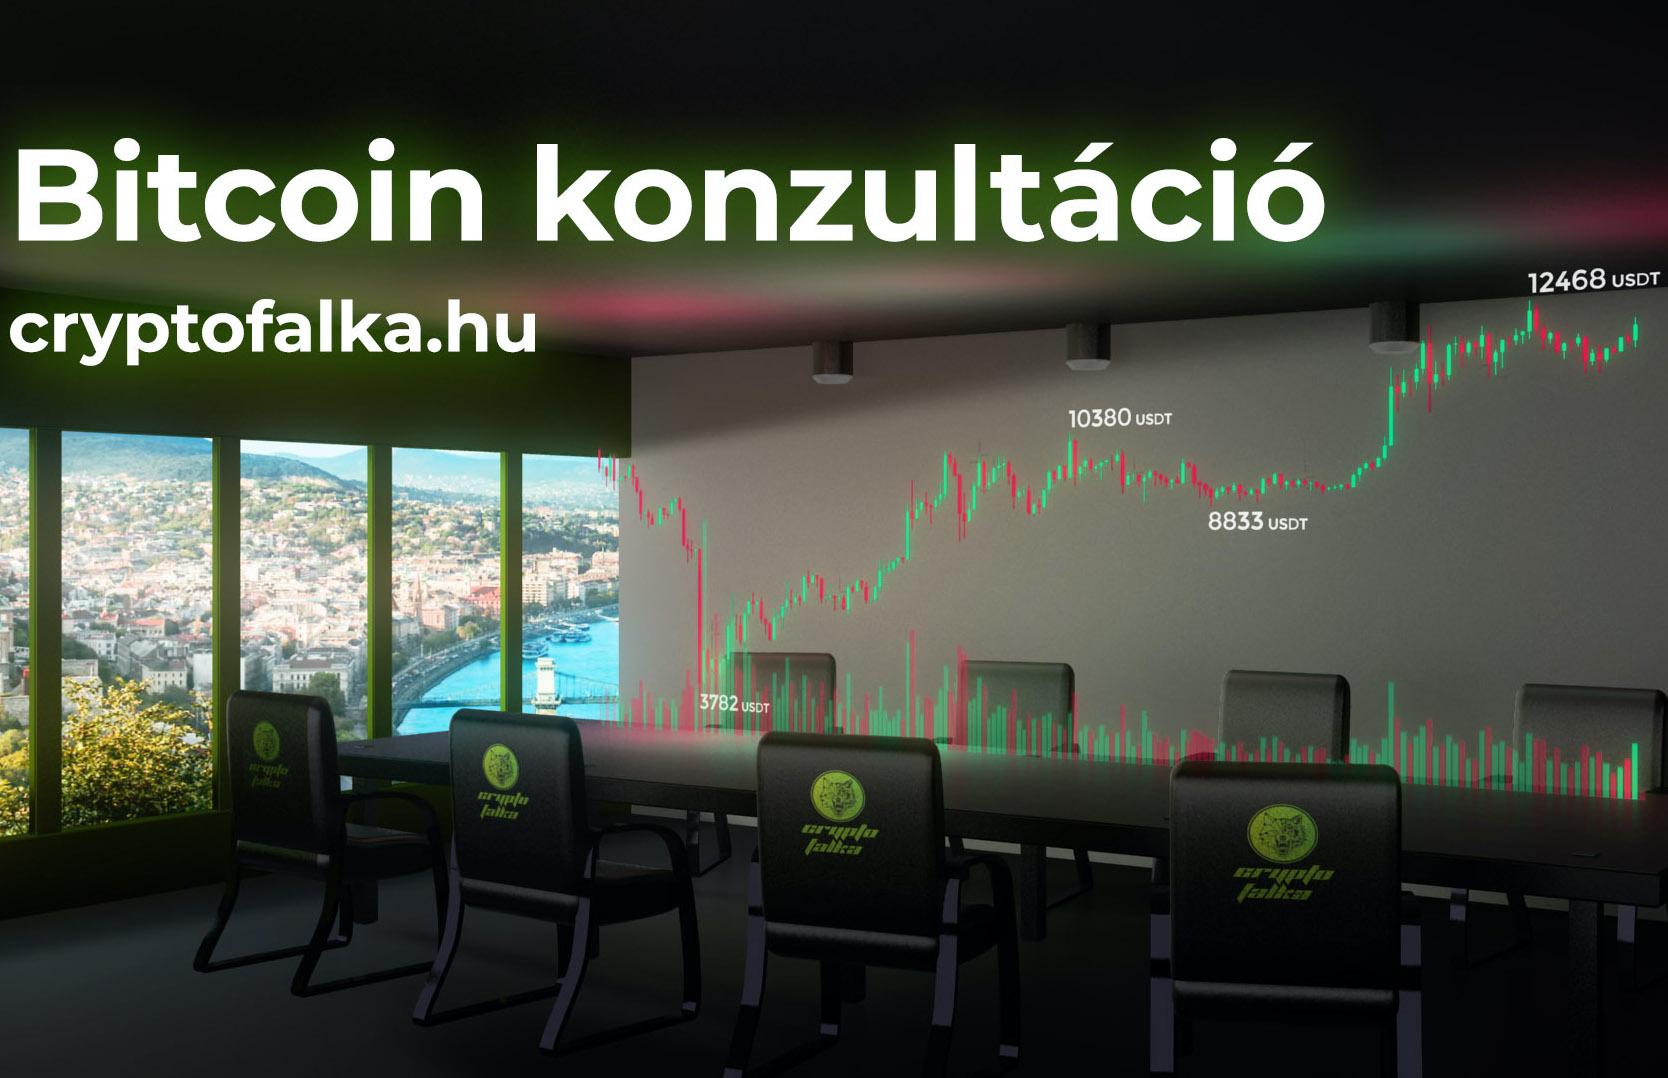 Bitcoin és kriptovaluta konzultáció I Cryptofalka